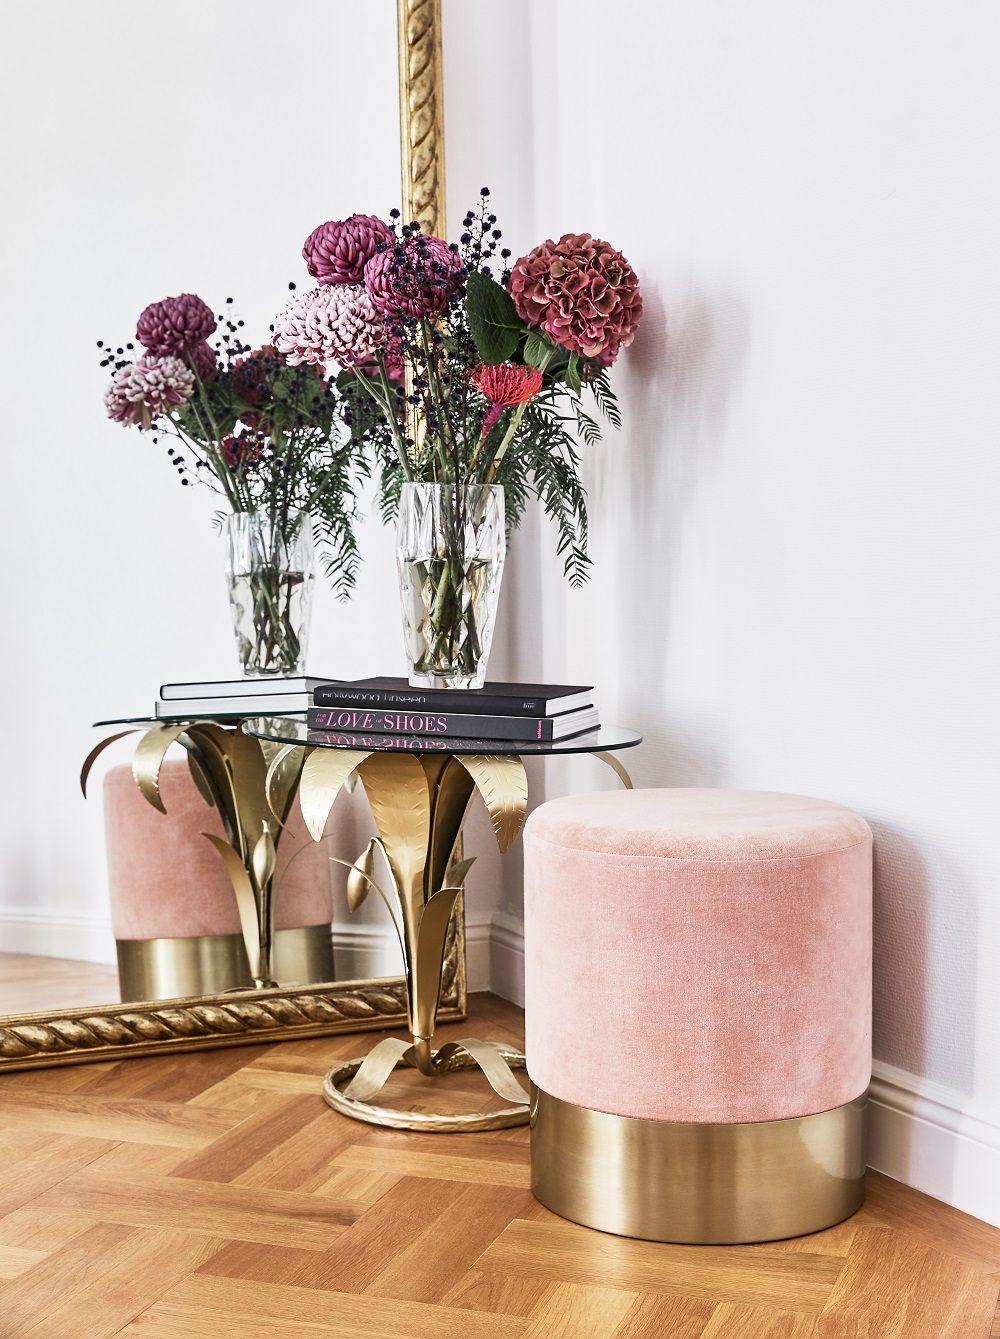 marvelous einfache dekoration und mobel raumduefte fuer den flur #1: Samt-Hocker Harlow